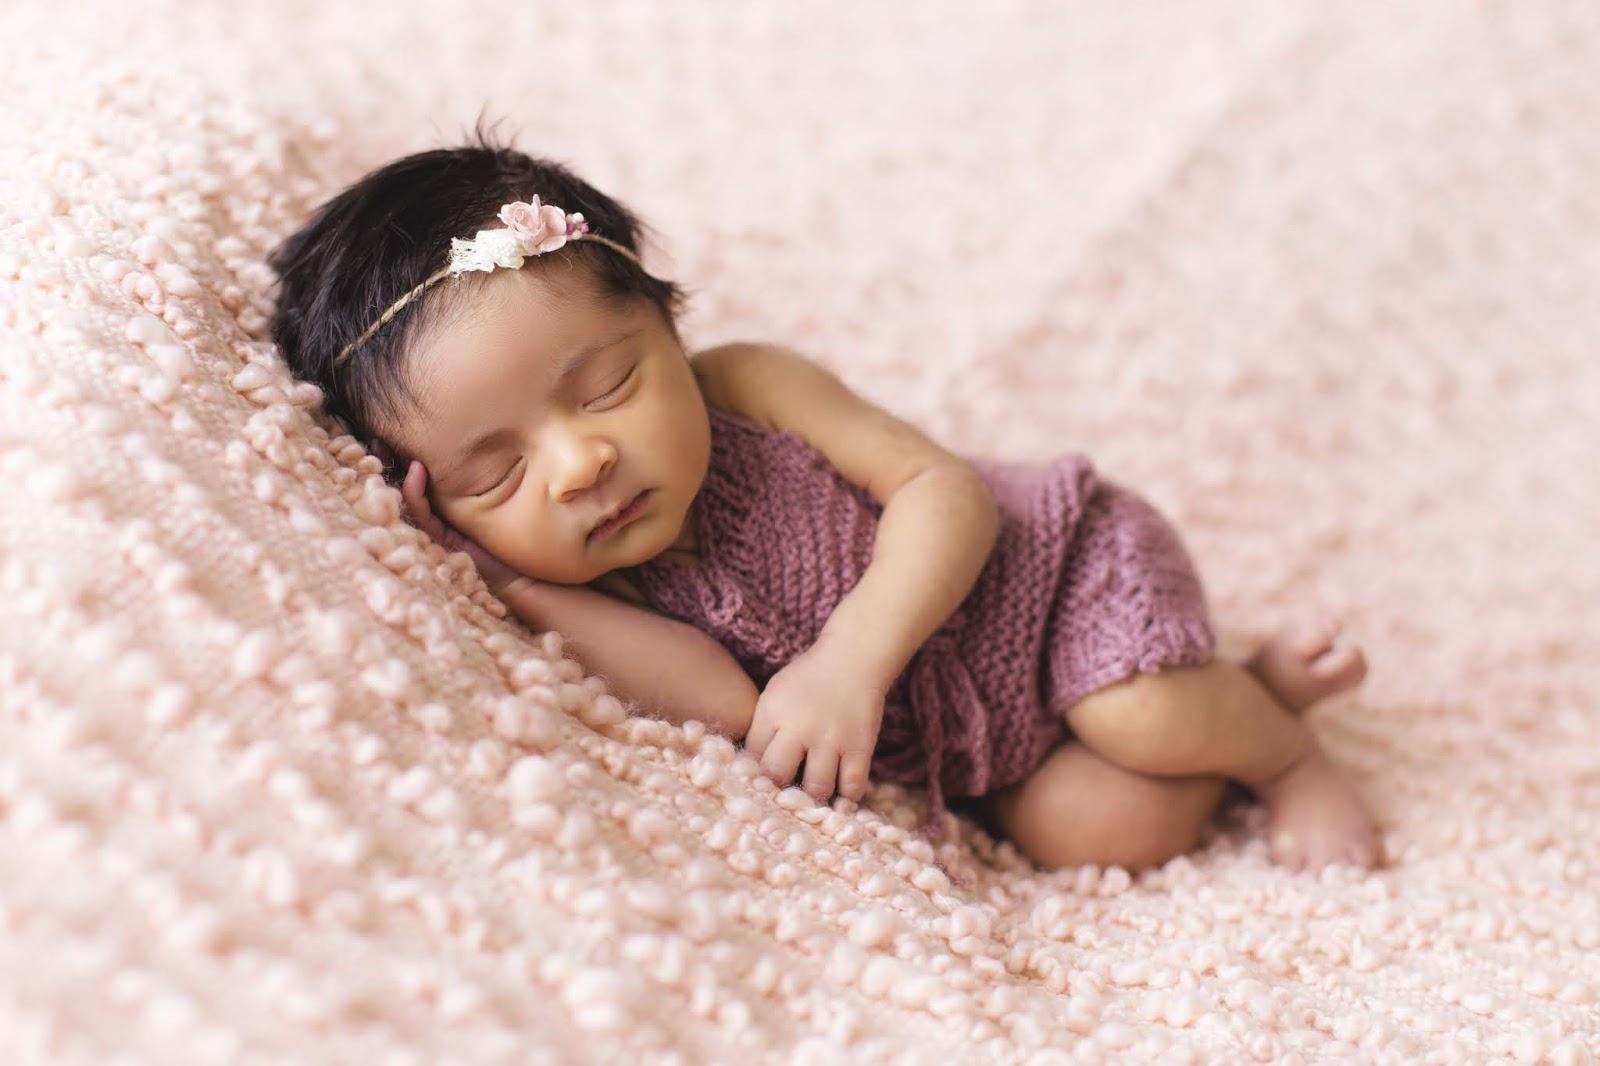 sono bebê-por que sono bebês-maternidade-filhos-bebê-recem-nascido-papinhas de bebê